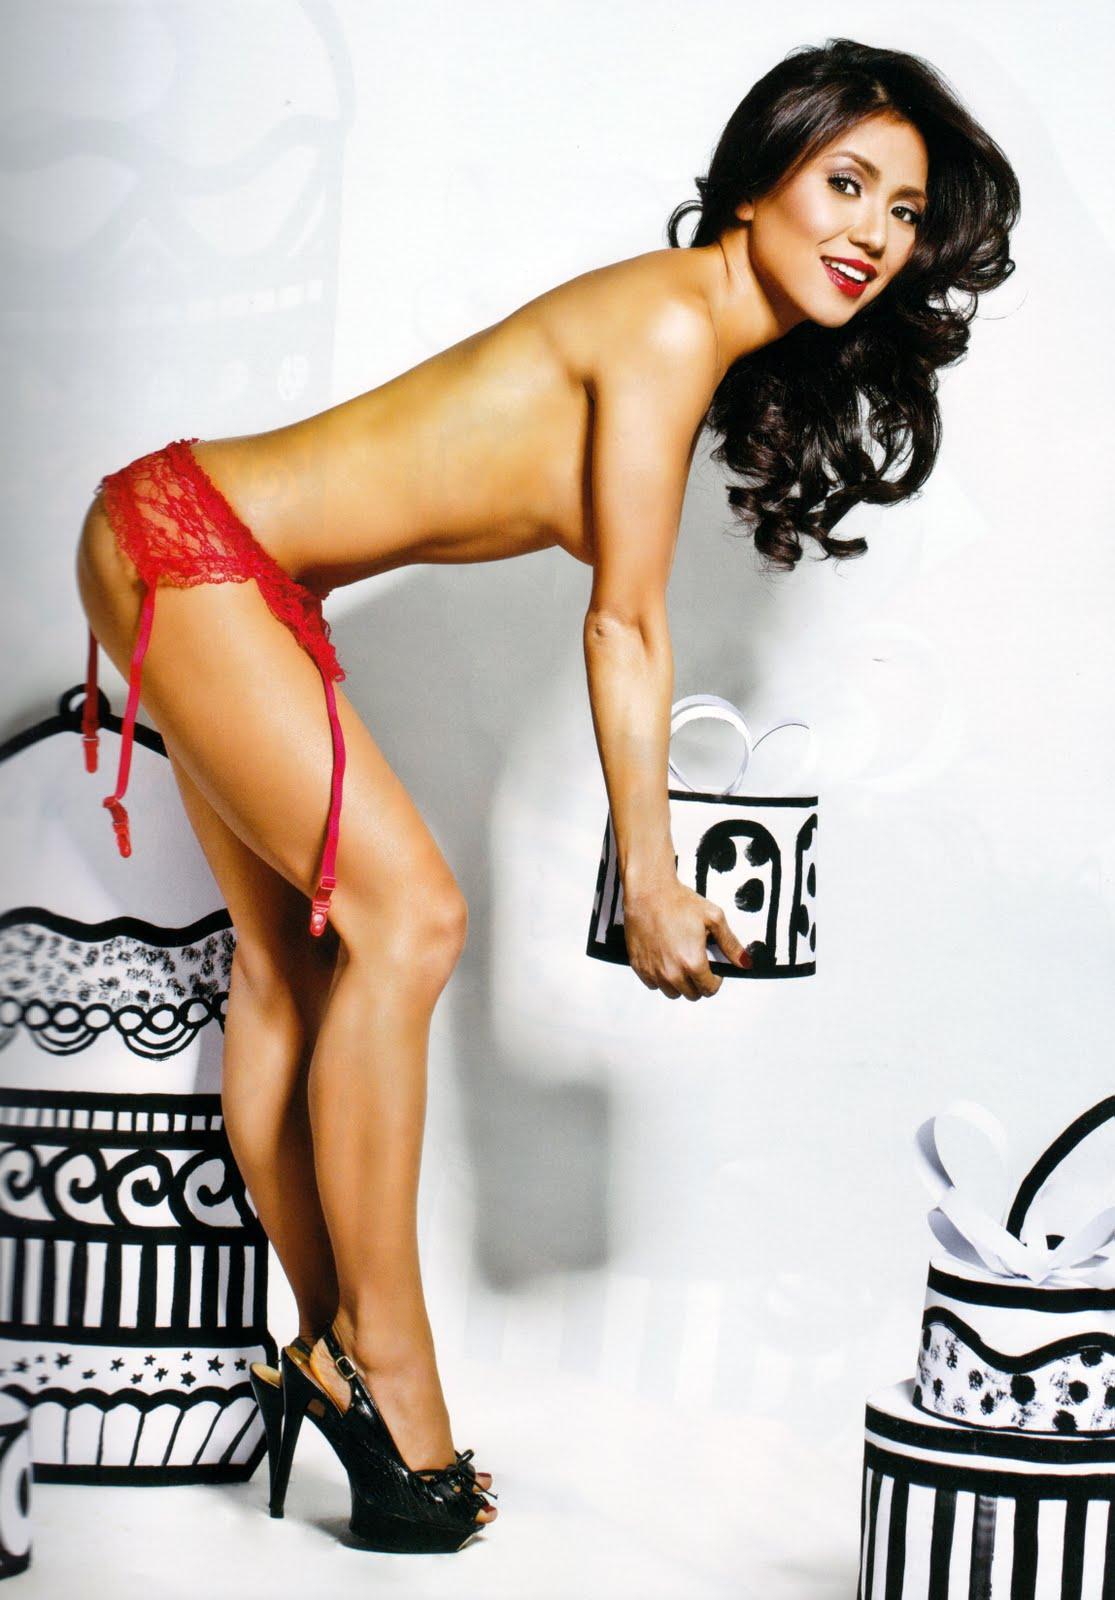 jacq yu sexy playboy topless pics 02